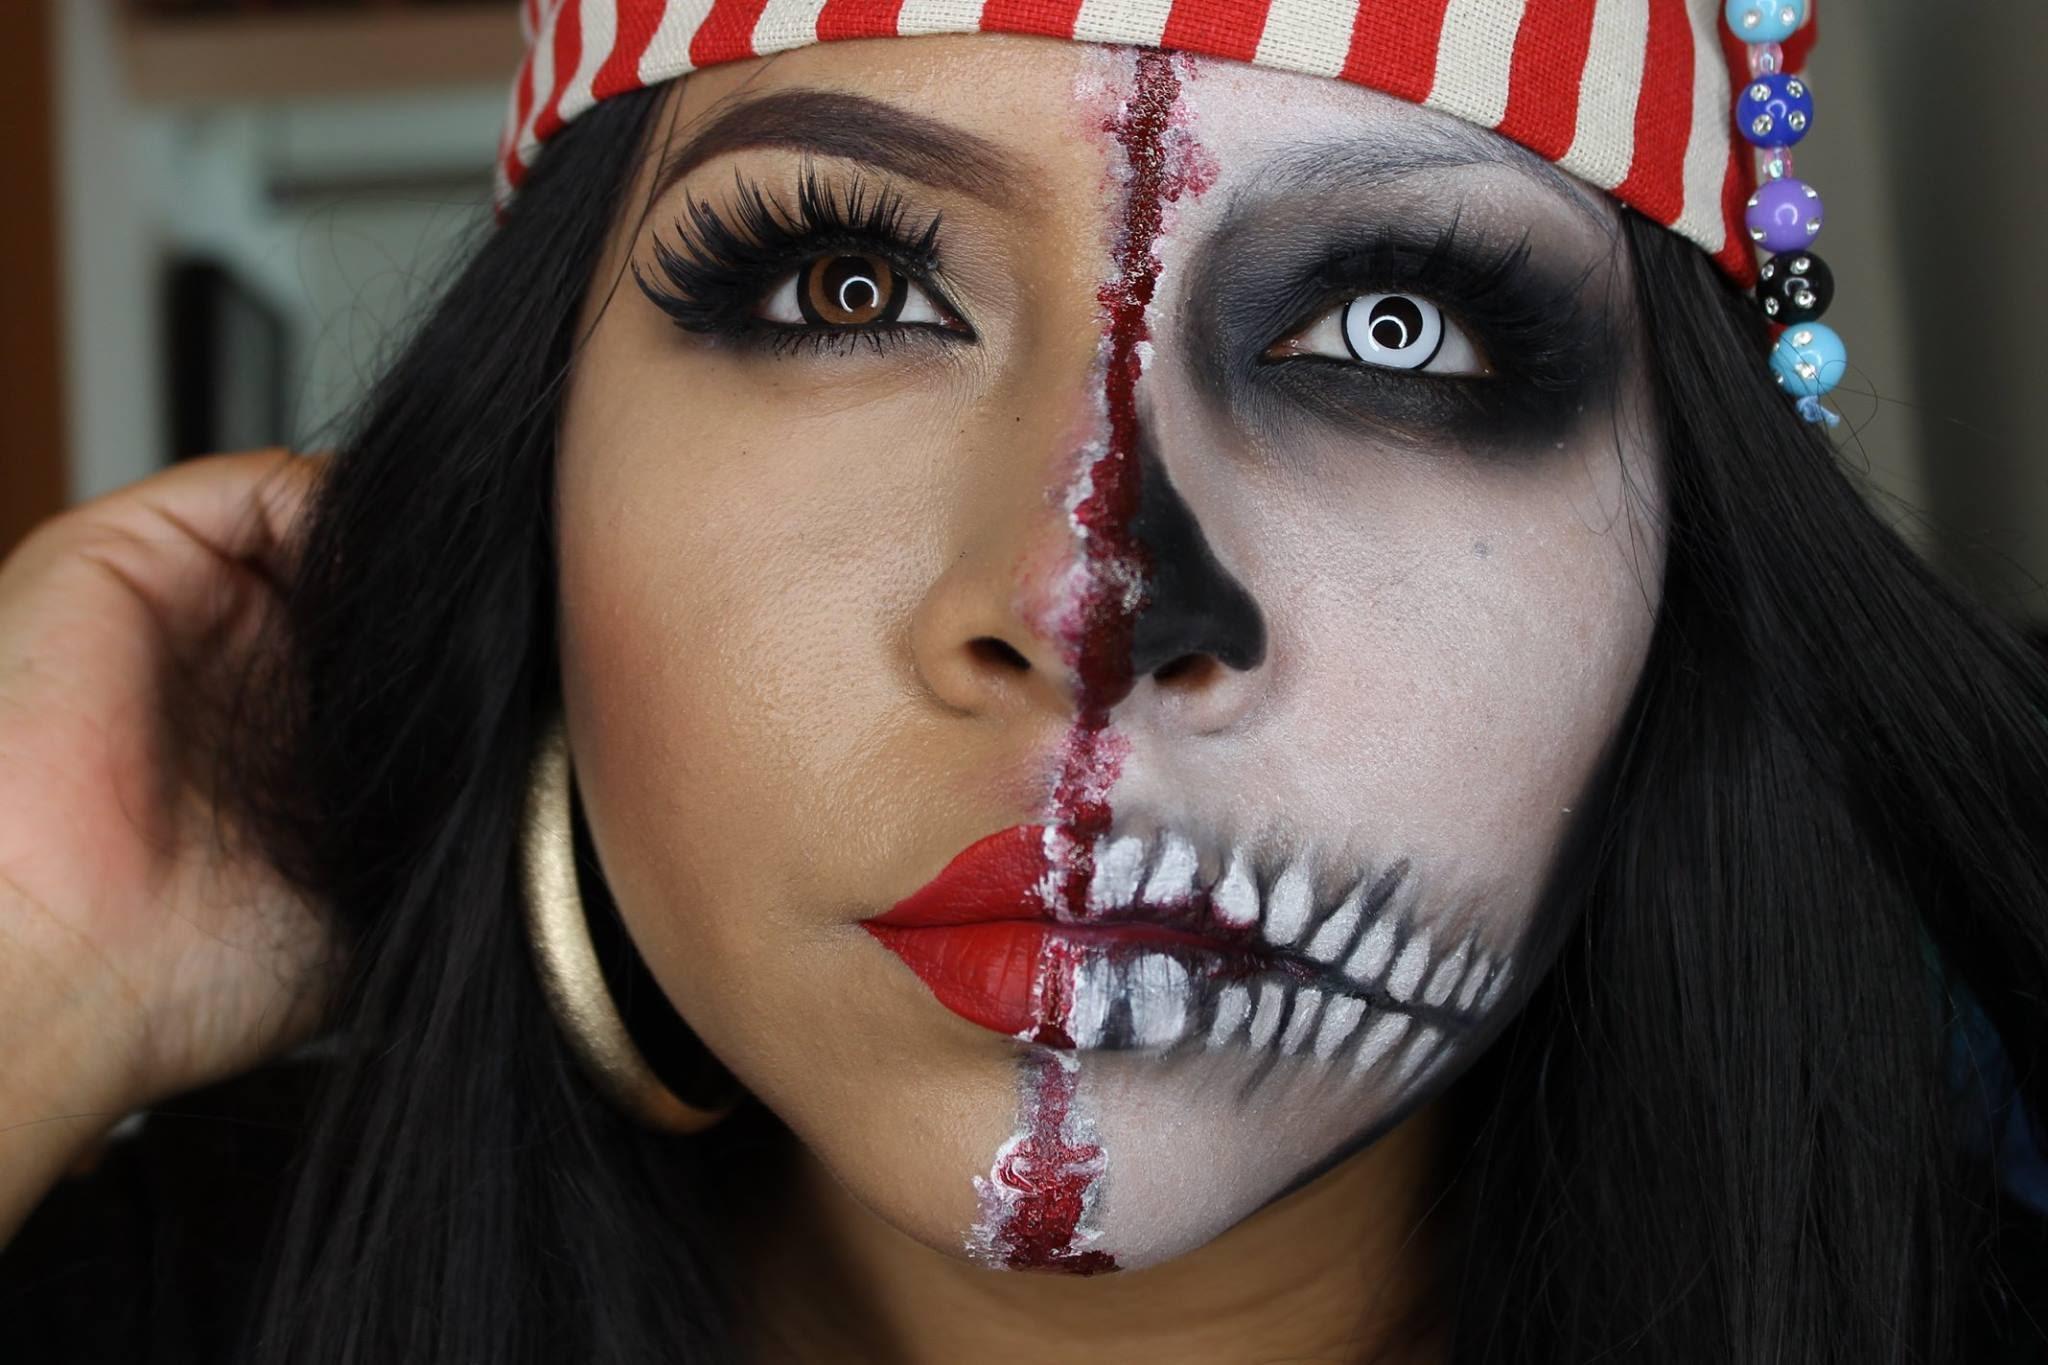 Imagenes De Maquillaje Para Descargar: Maquillajes De Carnaval, Imágenes E Ideas De Maquillaje